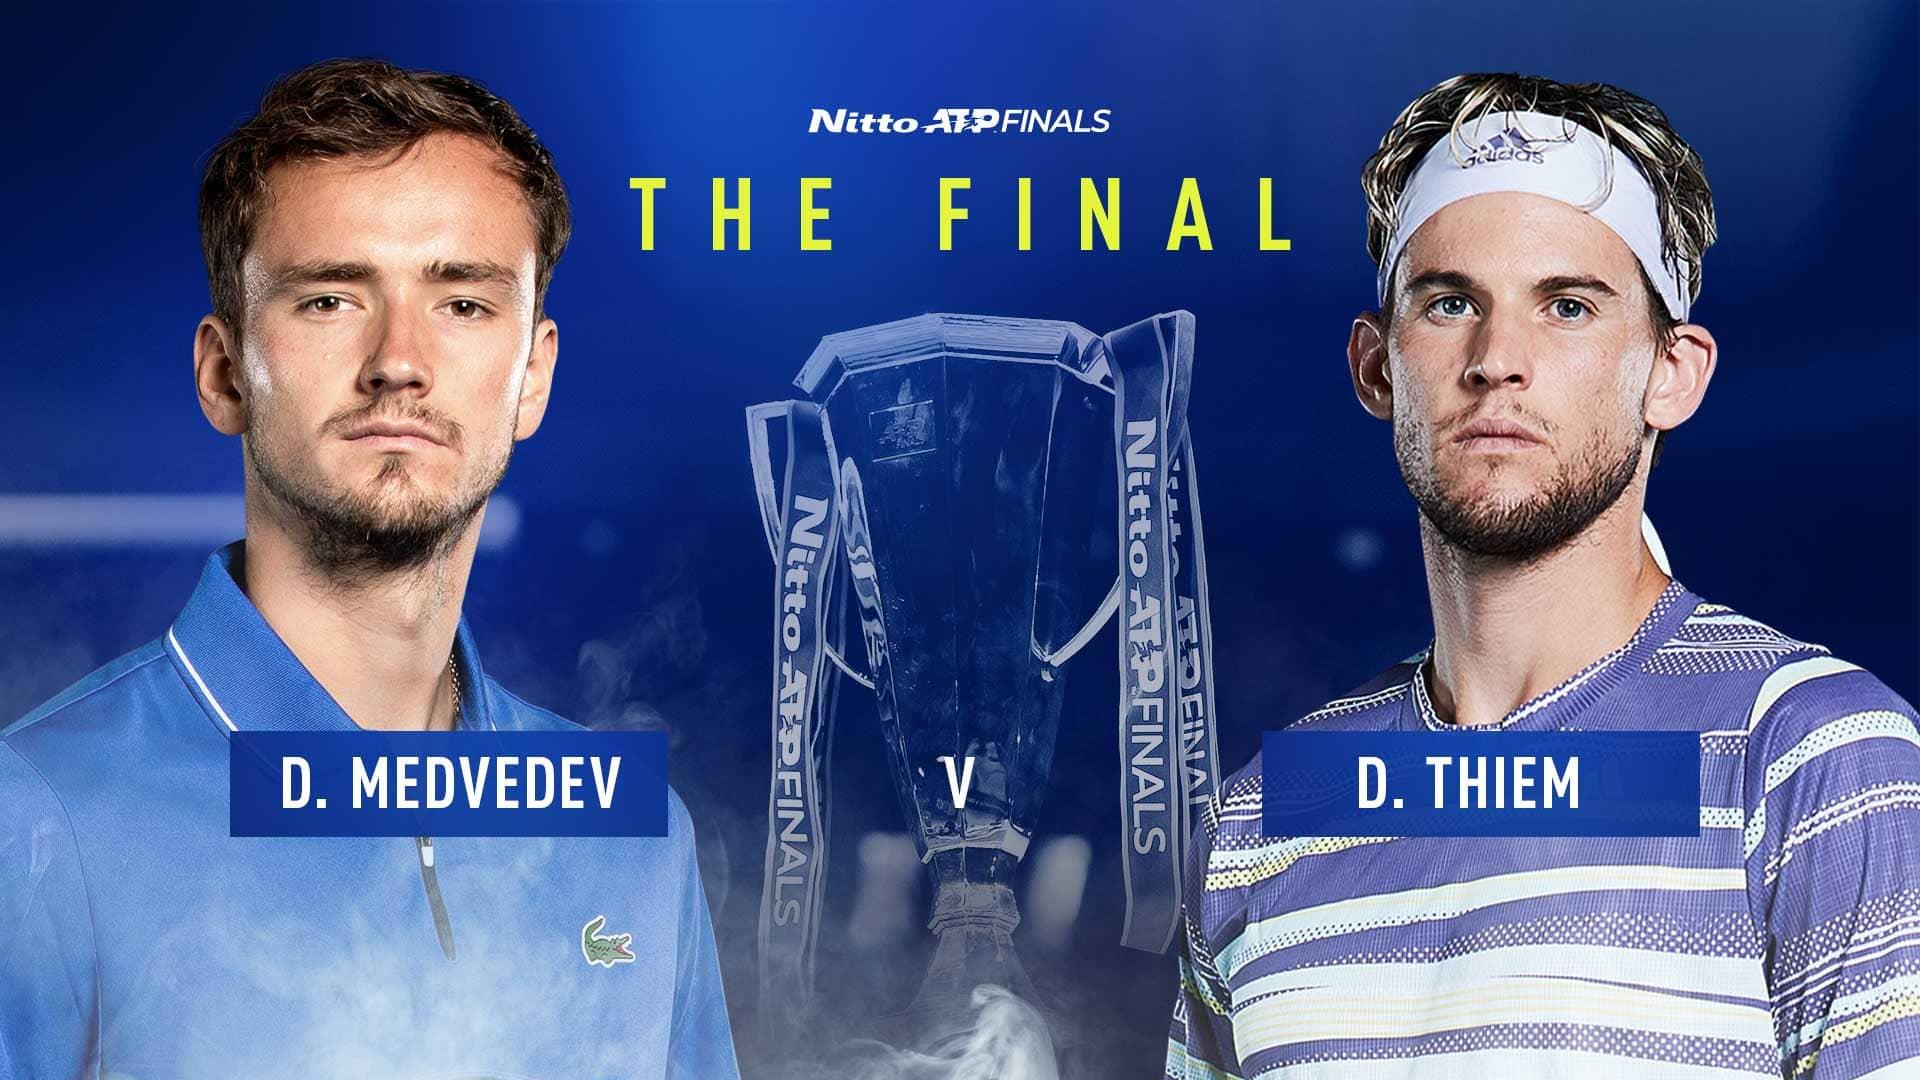 ATP总决赛新冠军即将诞生,三巨头垄断时代即将过去